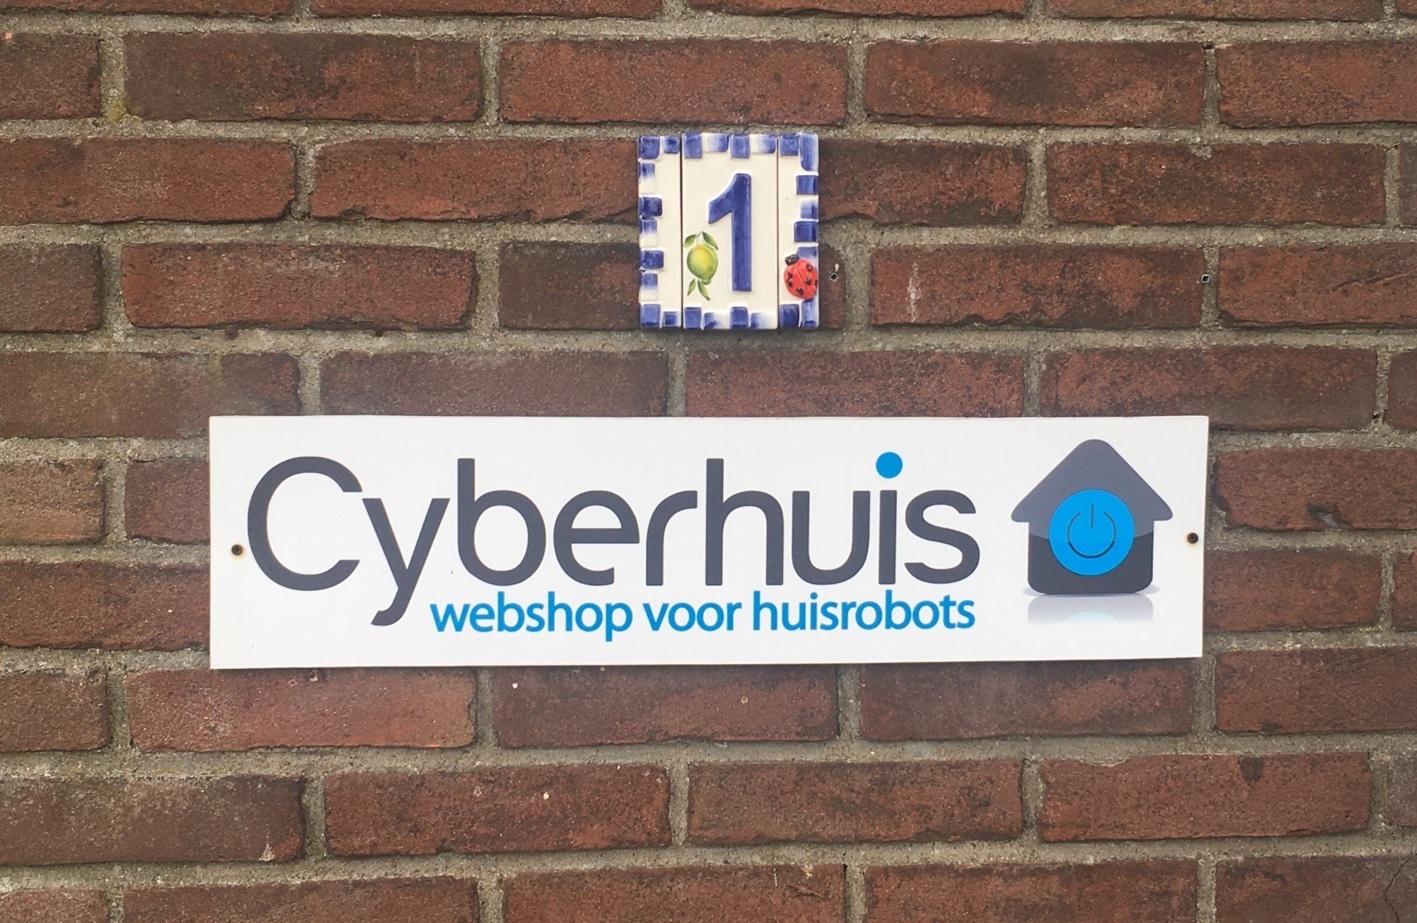 Huisnummer Cyberhuis